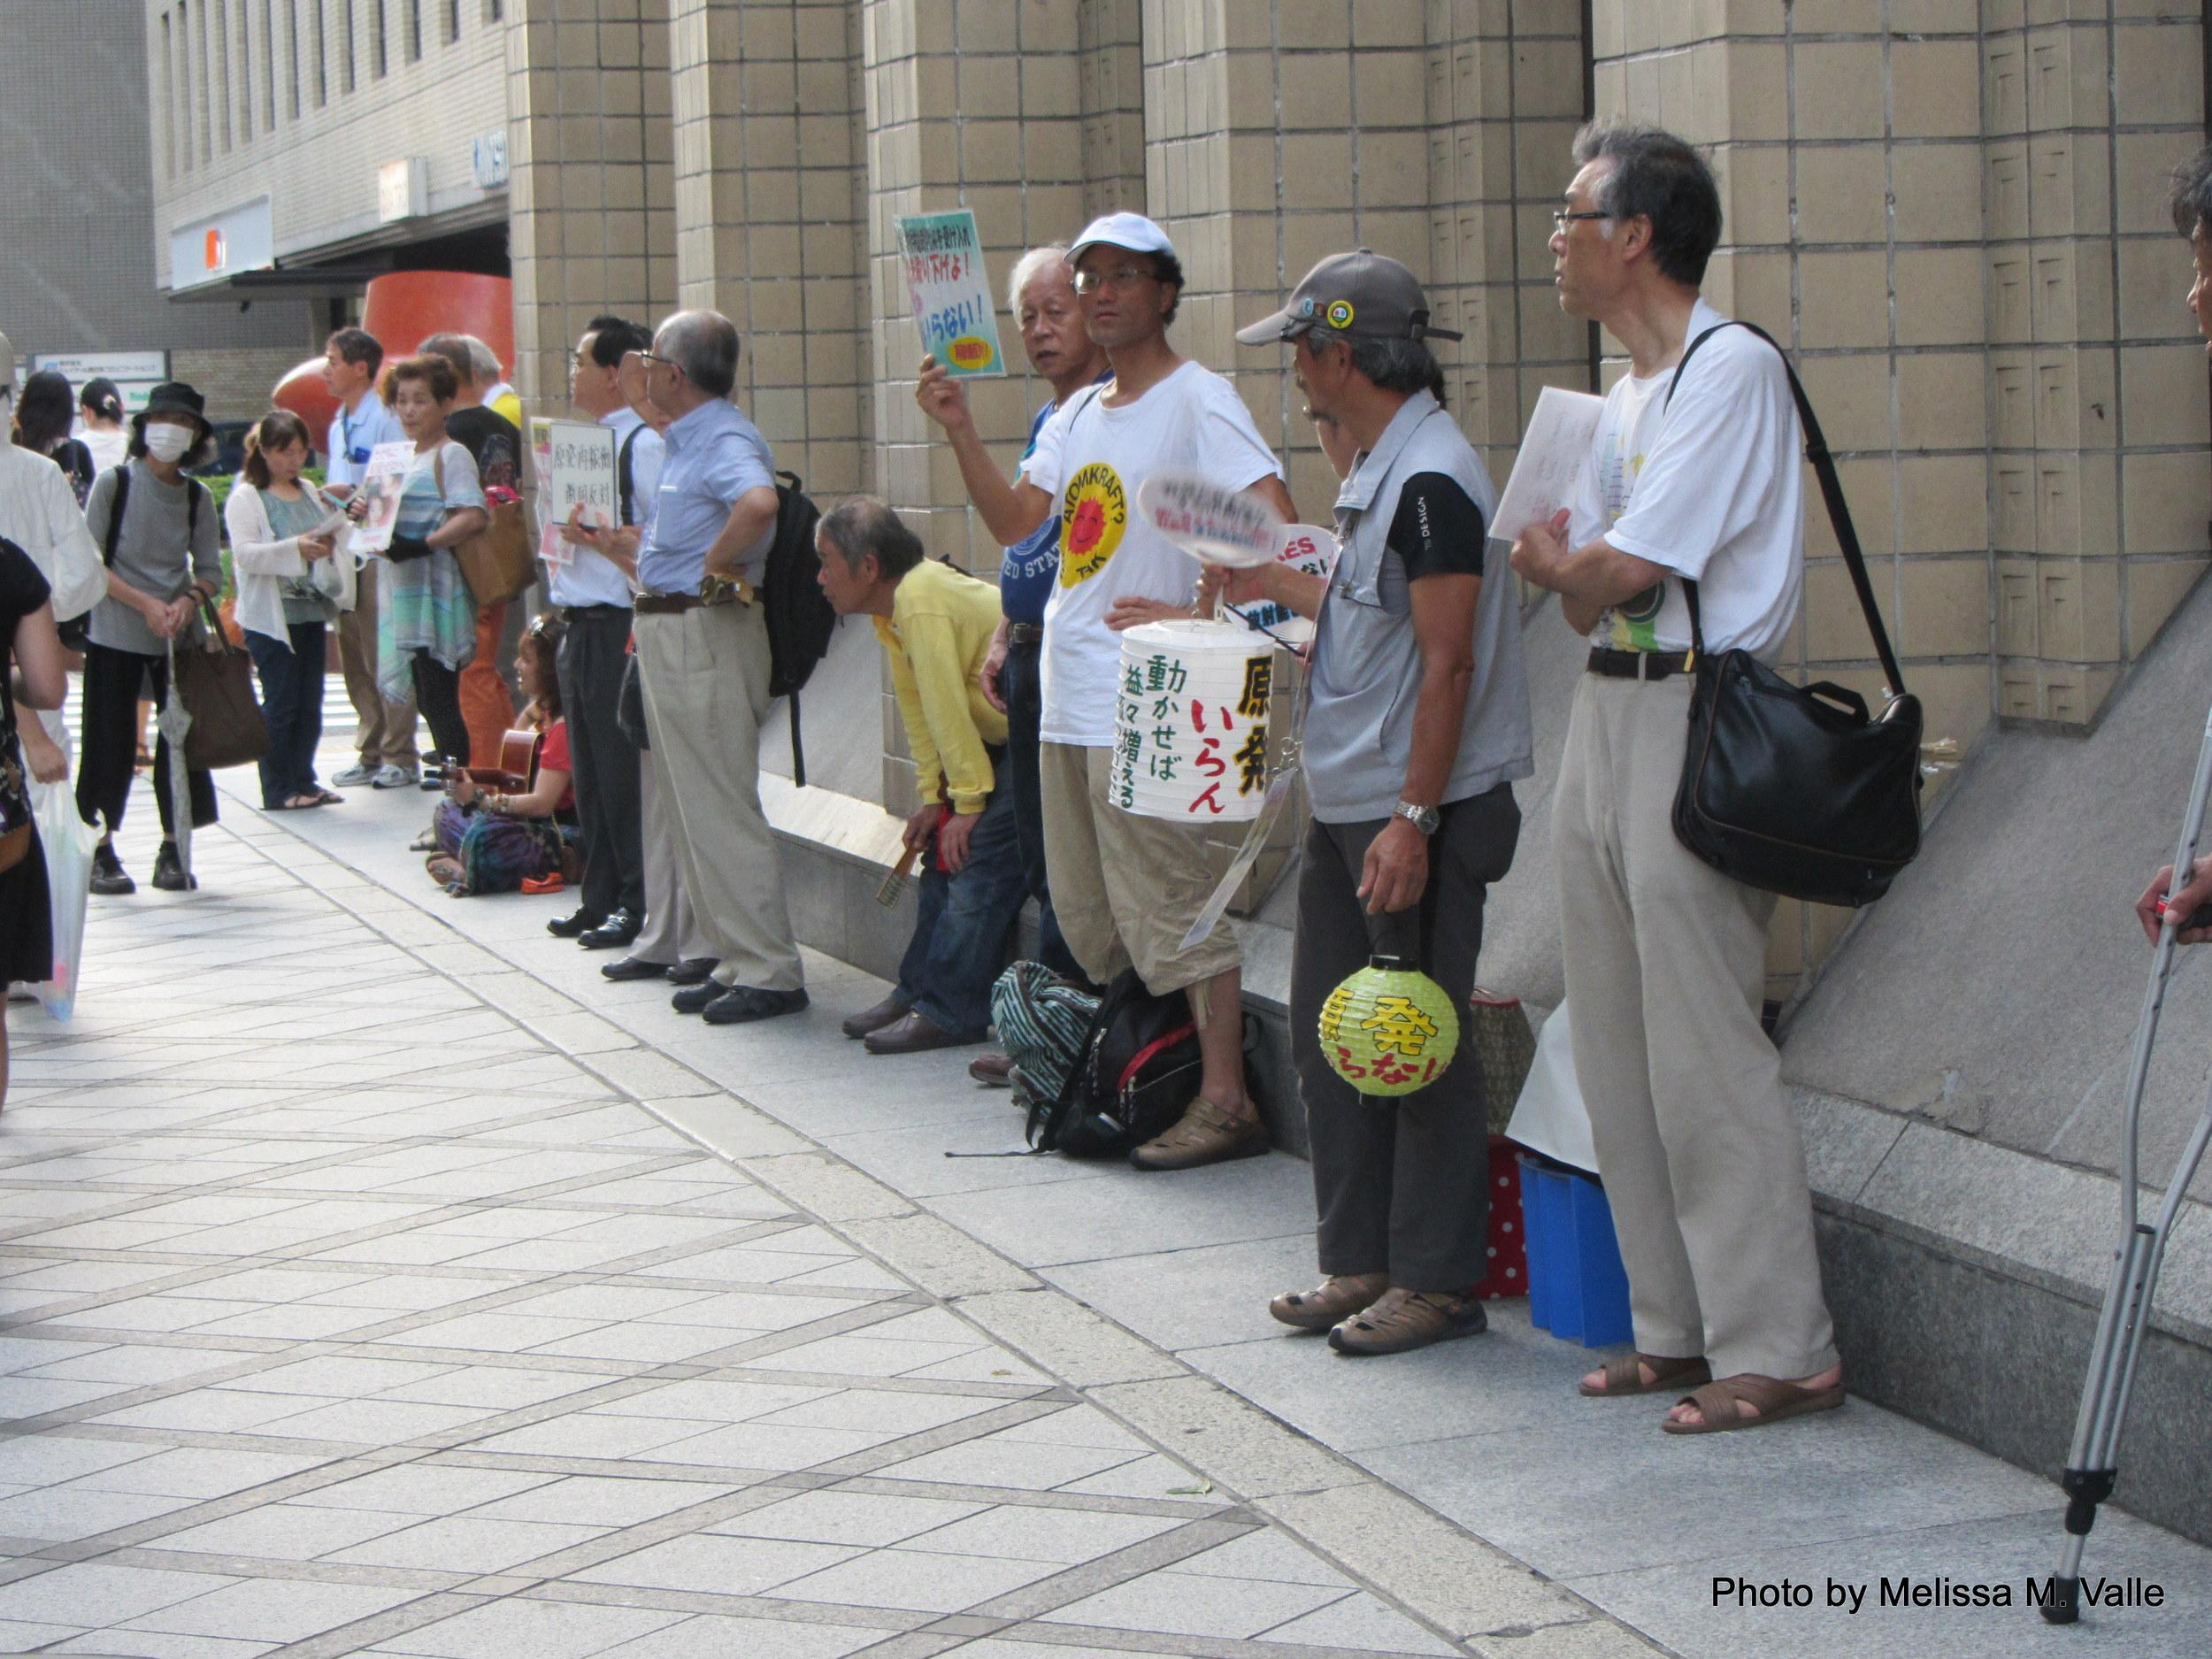 7.18.14 Kyoto, Japan-Anti-nukes protesters (5).JPG